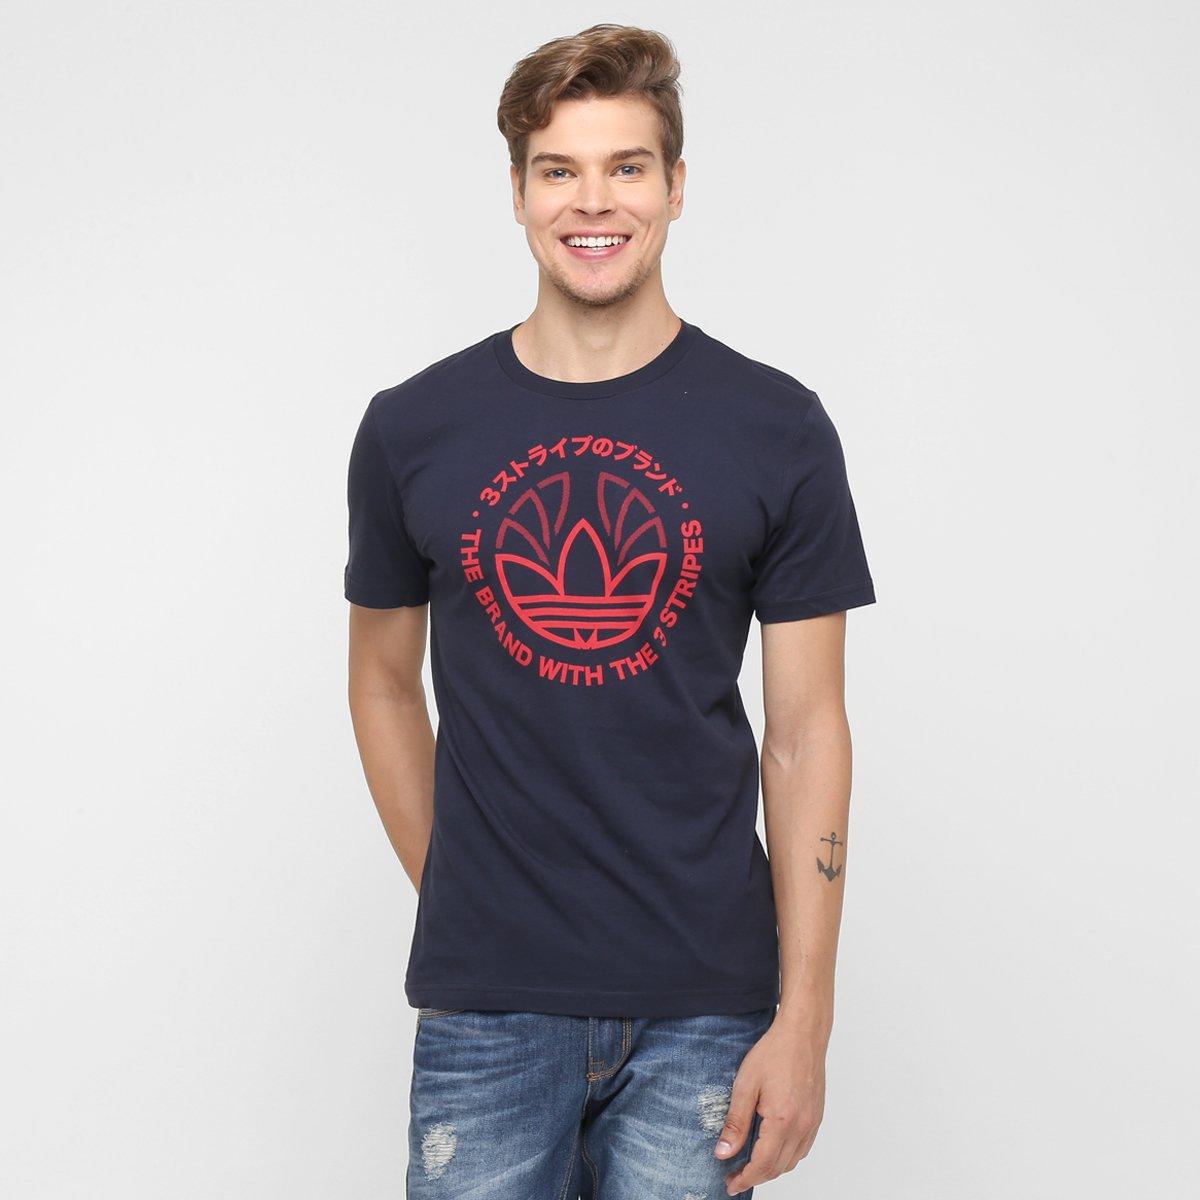 a7c1355df33 Camiseta Adidas Originals Tech Trefoil - Compre Agora